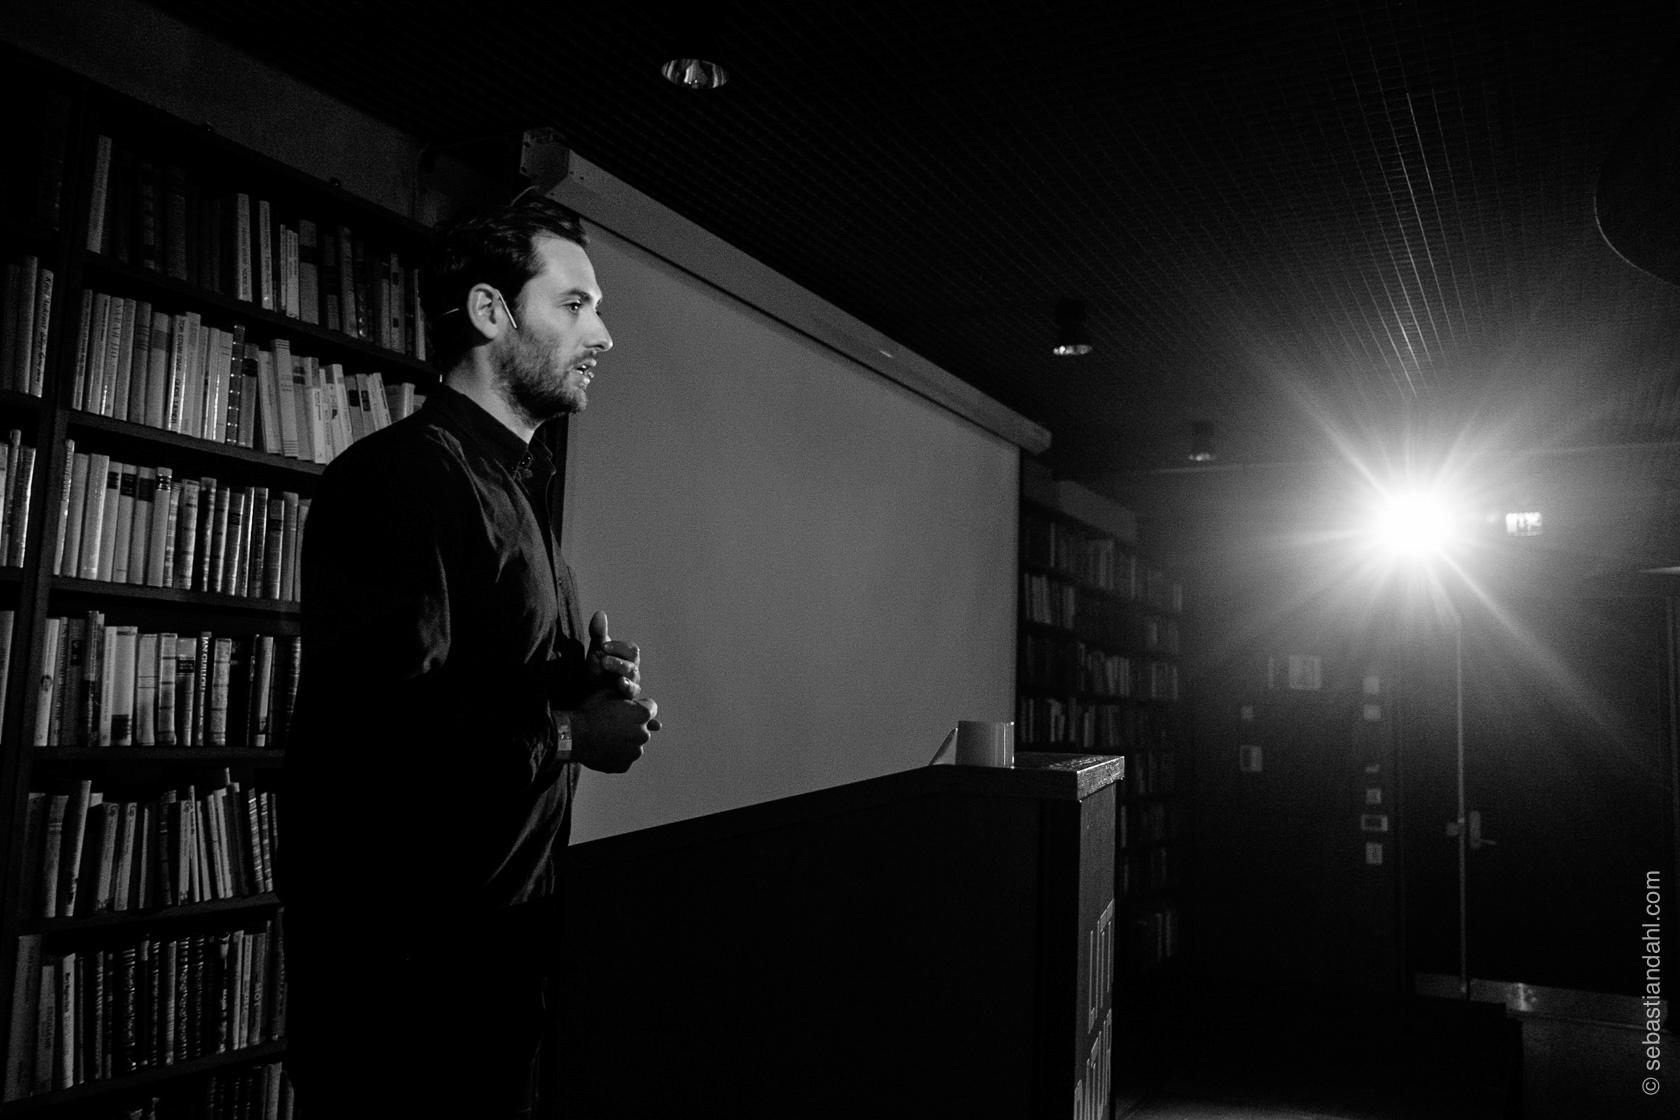 Jerry Ricciotti i Vice on HBO, reiser til noen av verdens farligste områder for å lage dokumentarer.Foto: Sébastian Dahl